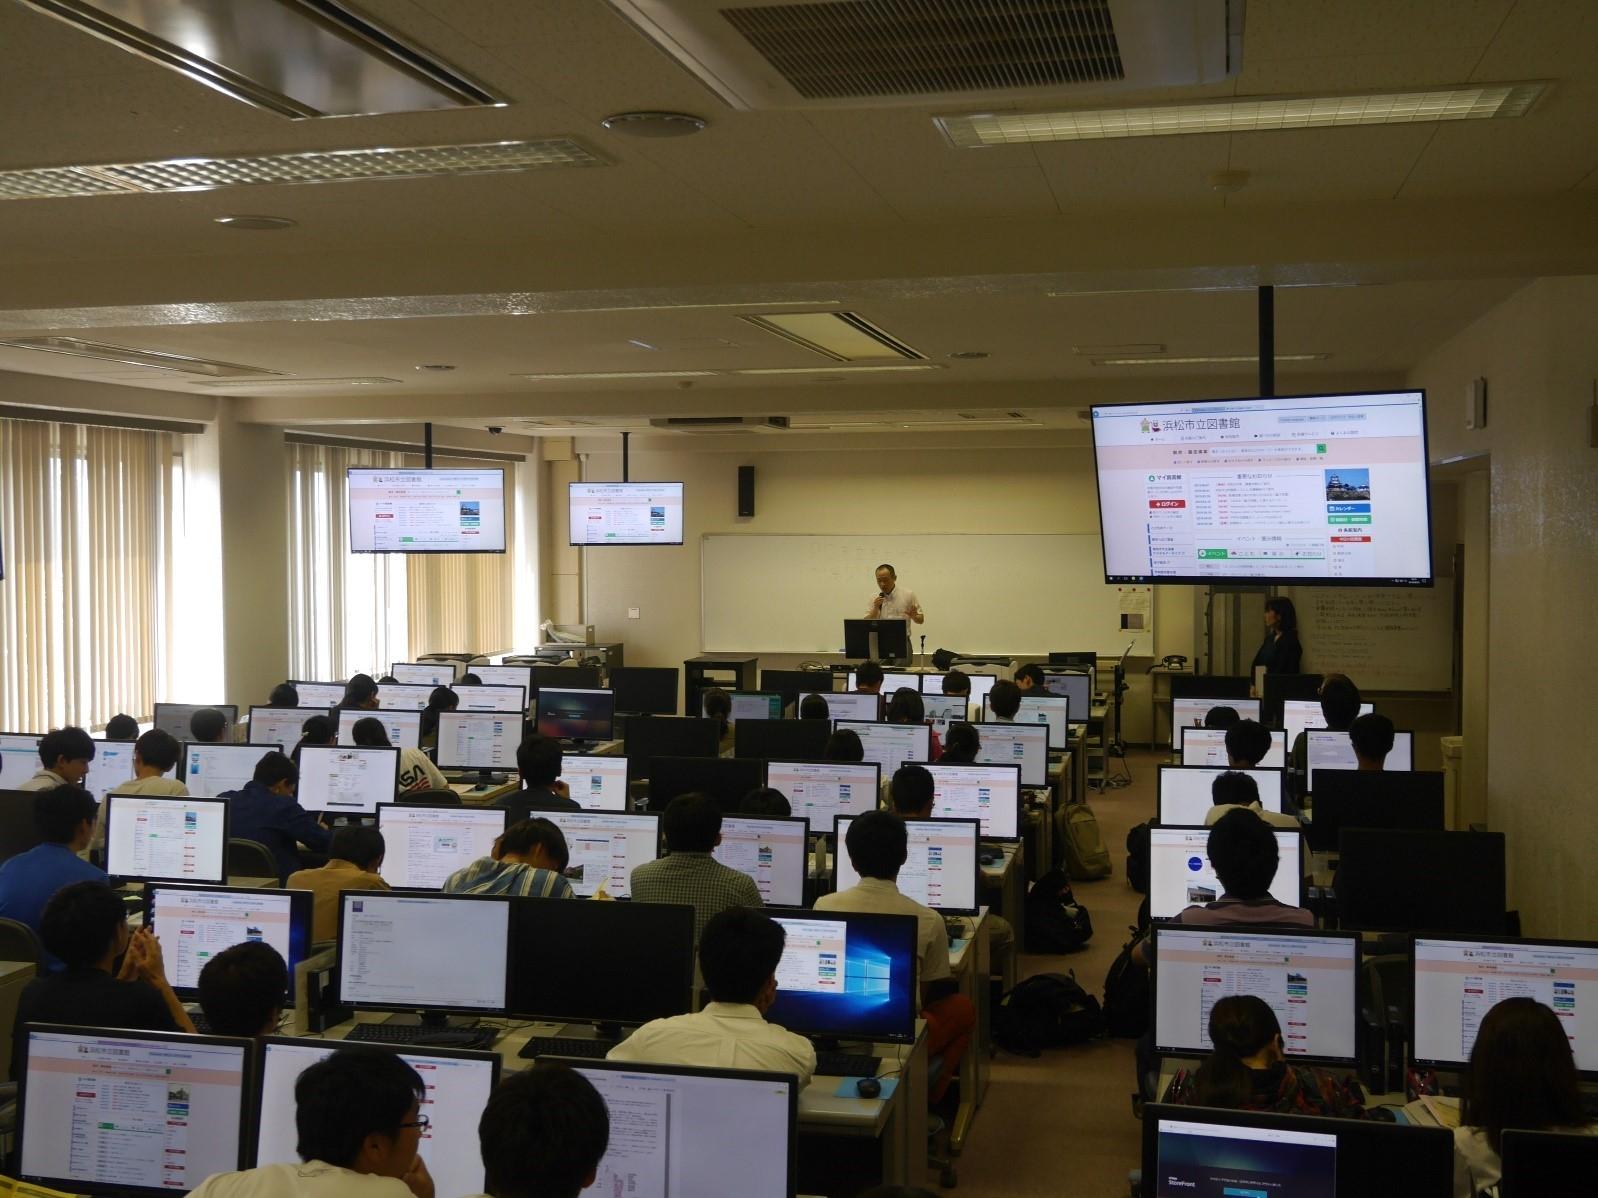 浜松市立図書館職員による電子図書の利用説明